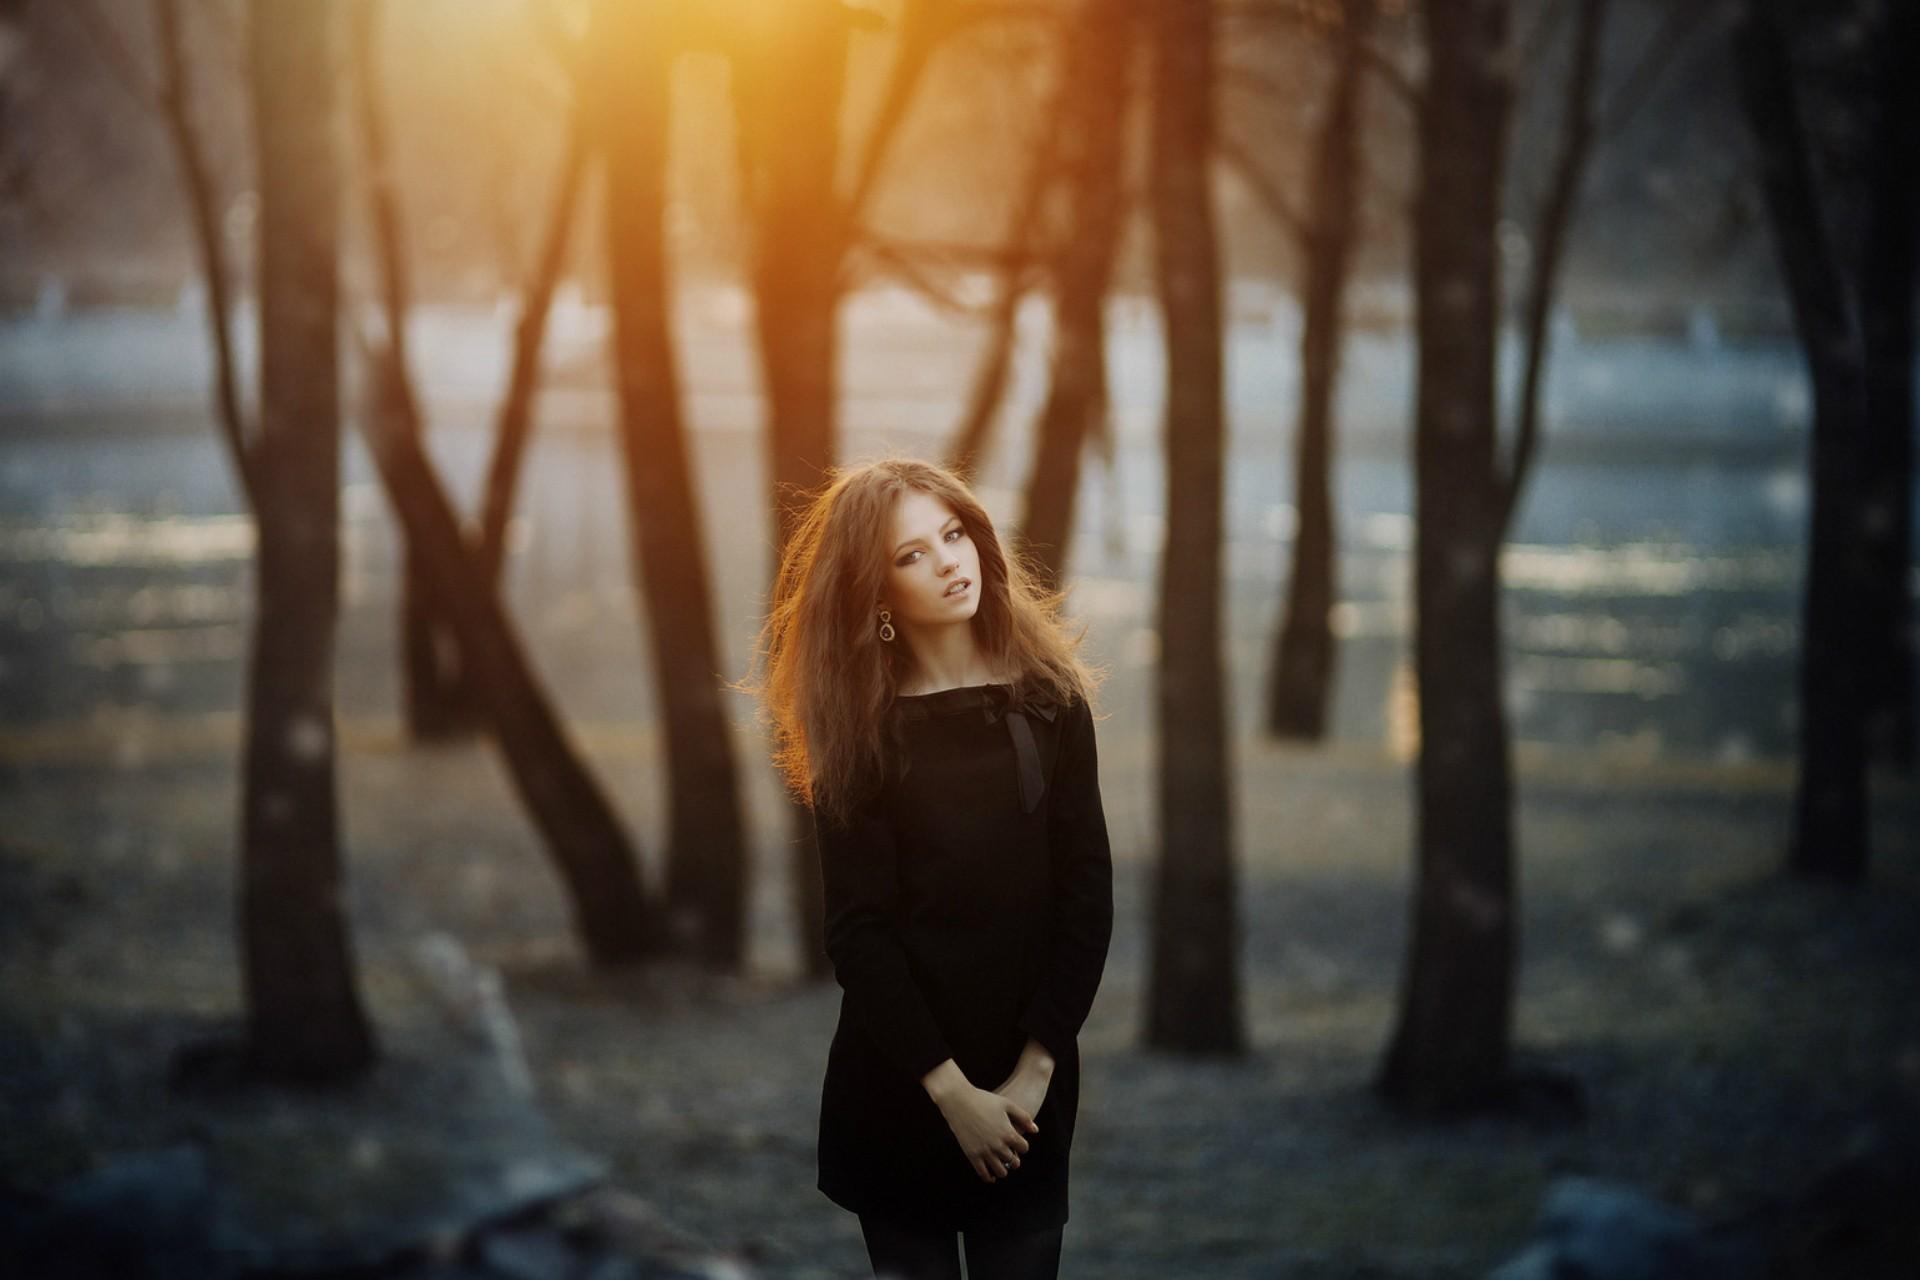 Fondos de pantalla : luz de sol, bosque, Mujeres al aire